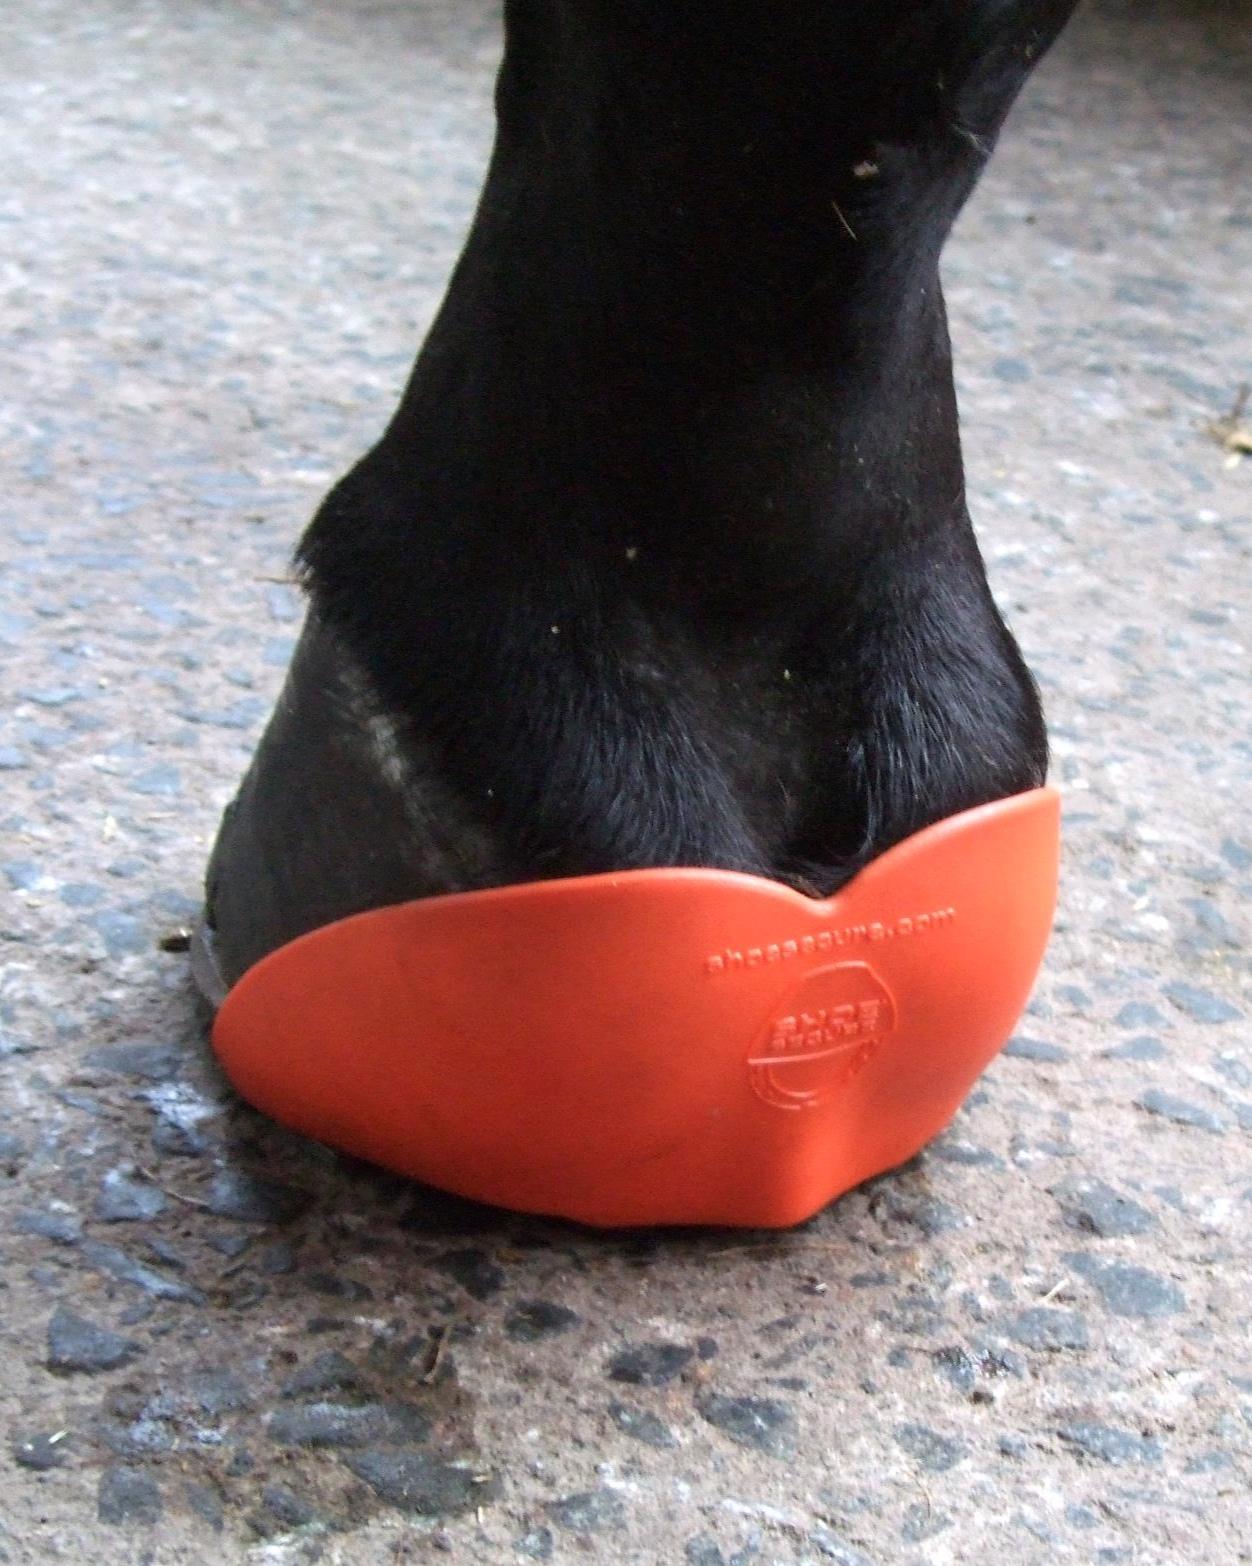 Shoesecure+orange.jpg